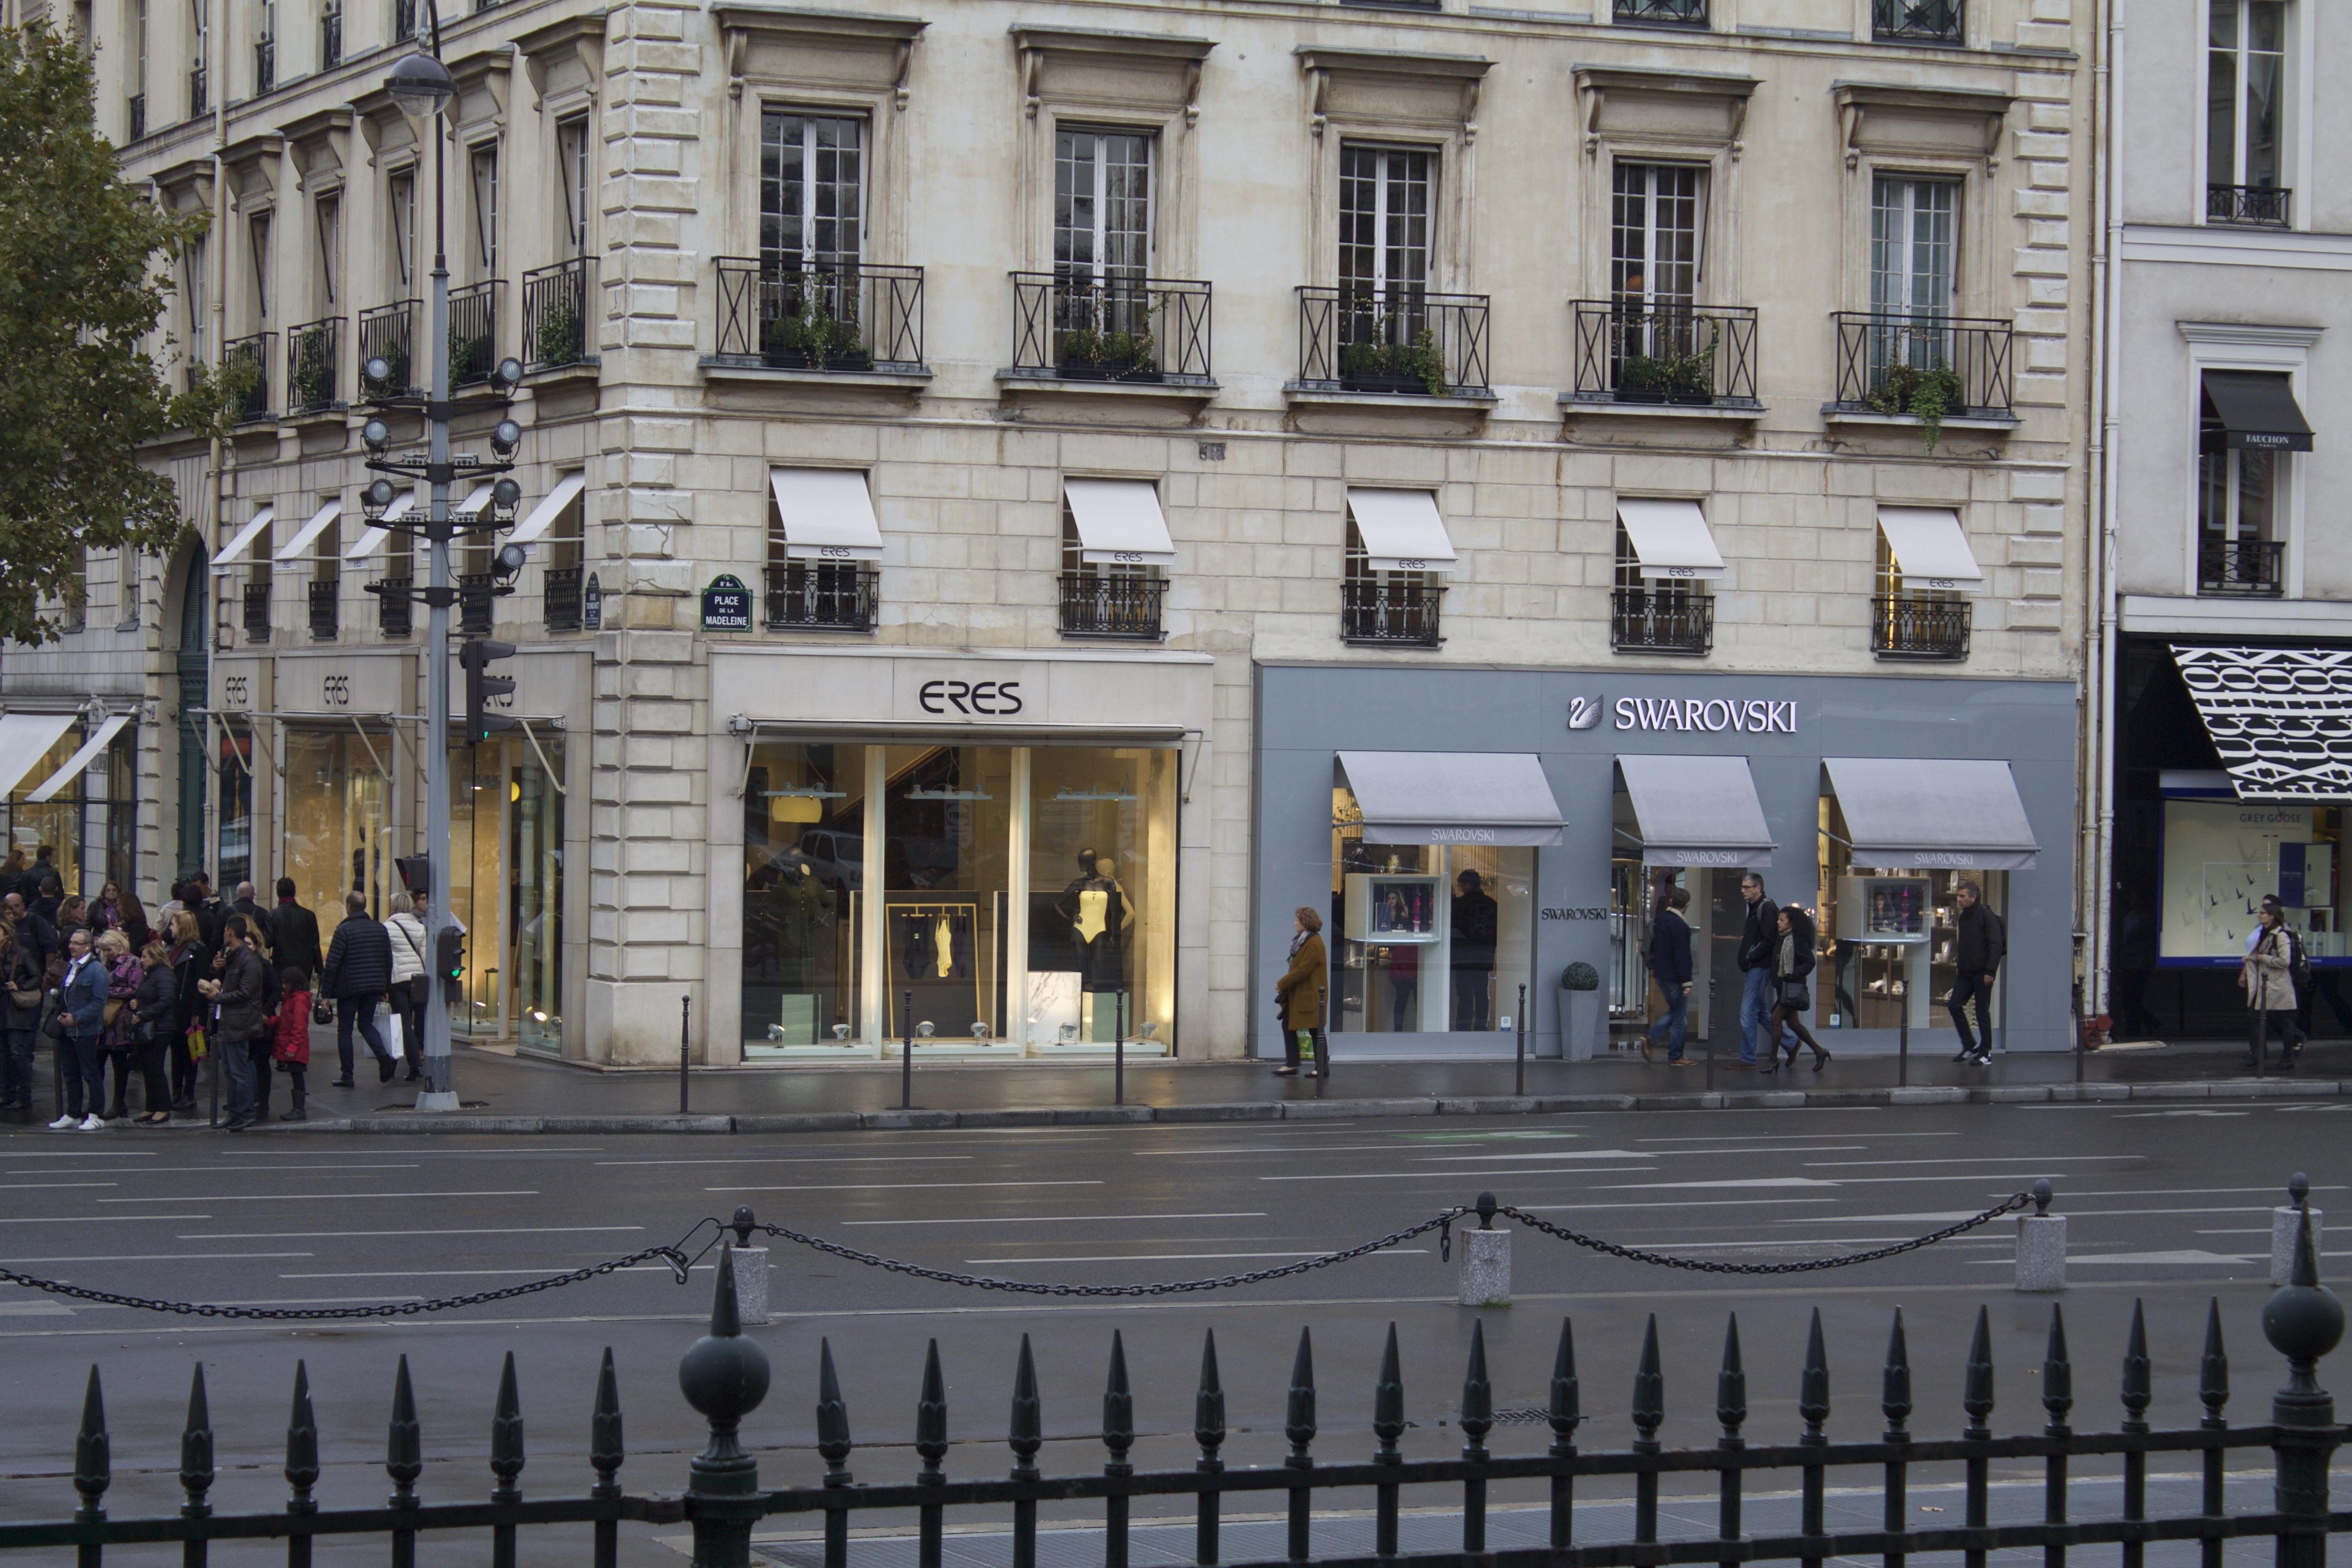 File Eres and Swarovski, Place de la Madeleine, 75008 Paris, October 2014 5356a8488e94